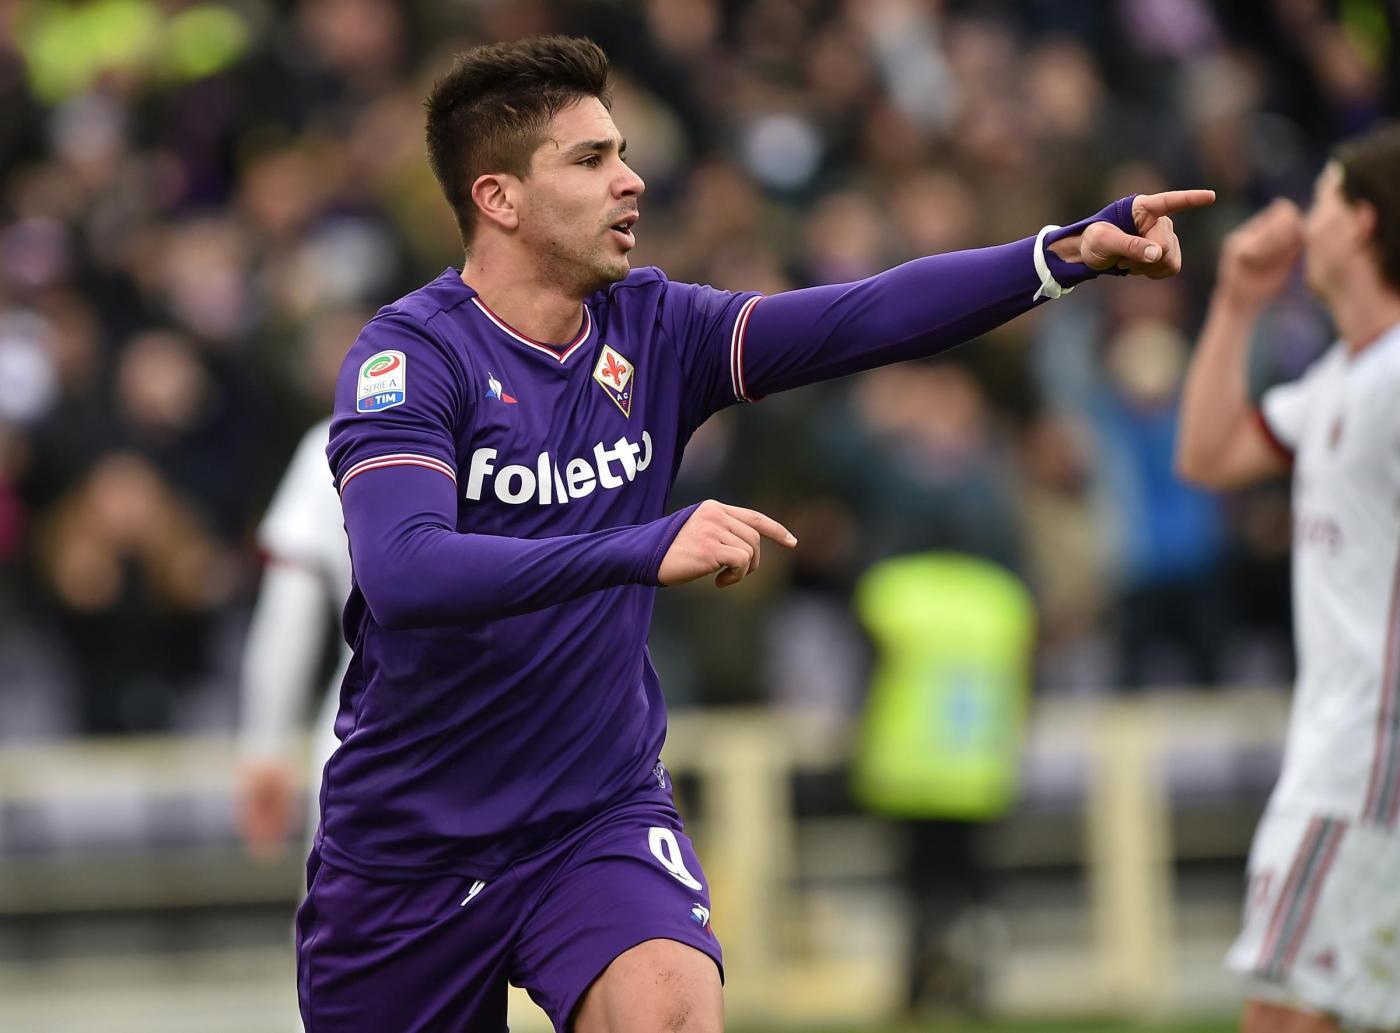 Serie A, Fiorentina-Udinese 2 settembre: analisi e pronostico della giornata della massima divisione calcistica italiana